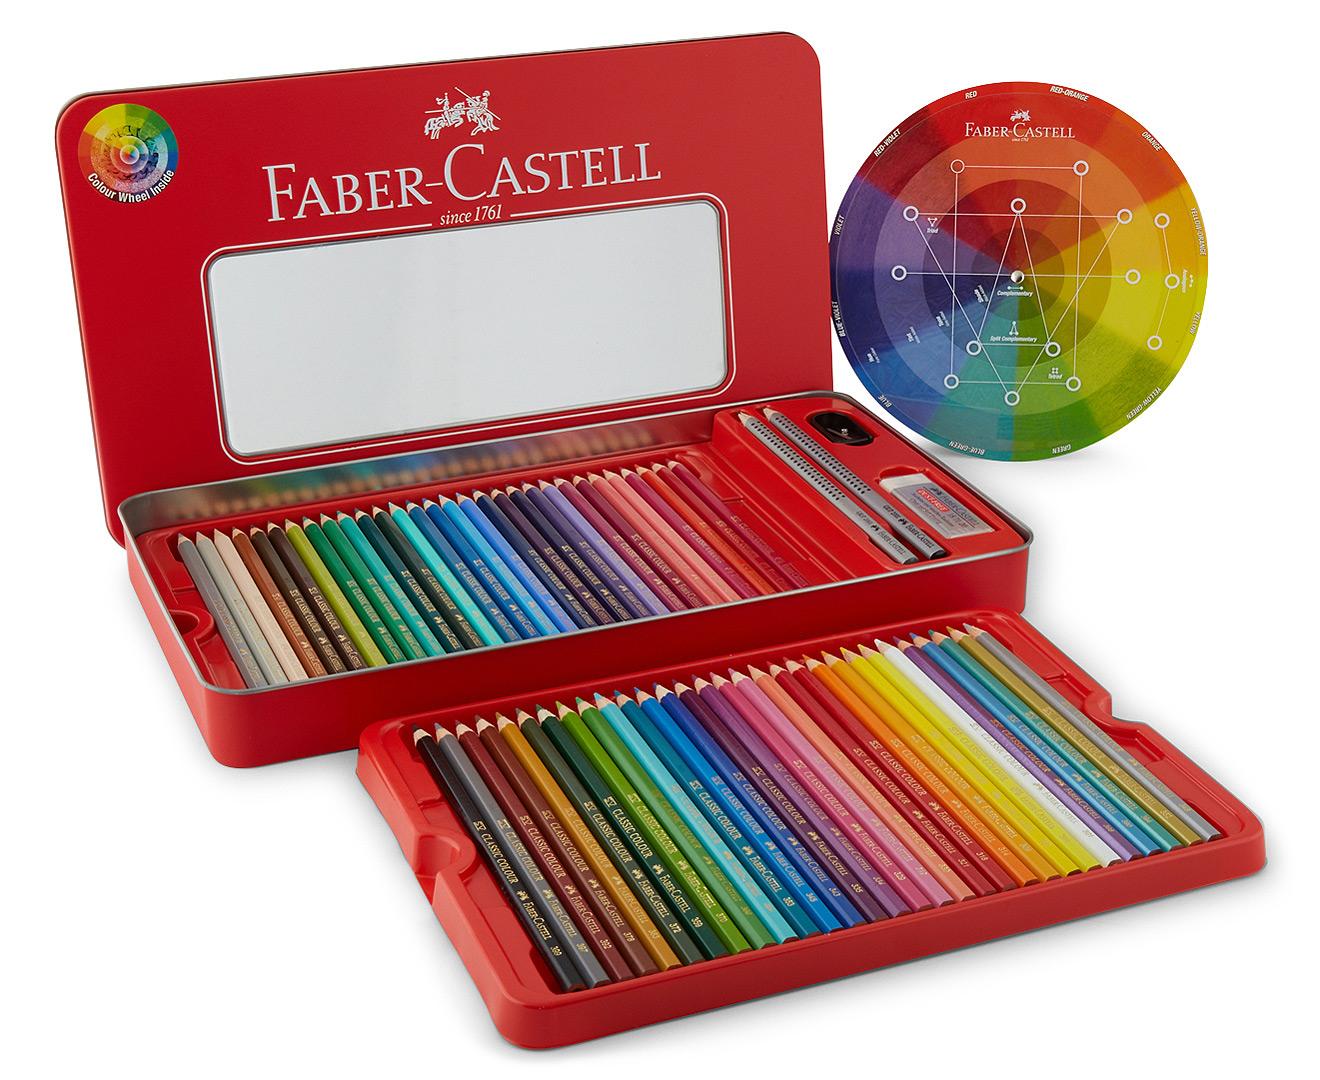 fabercastell 60 classic colour pencil sketch set  catch